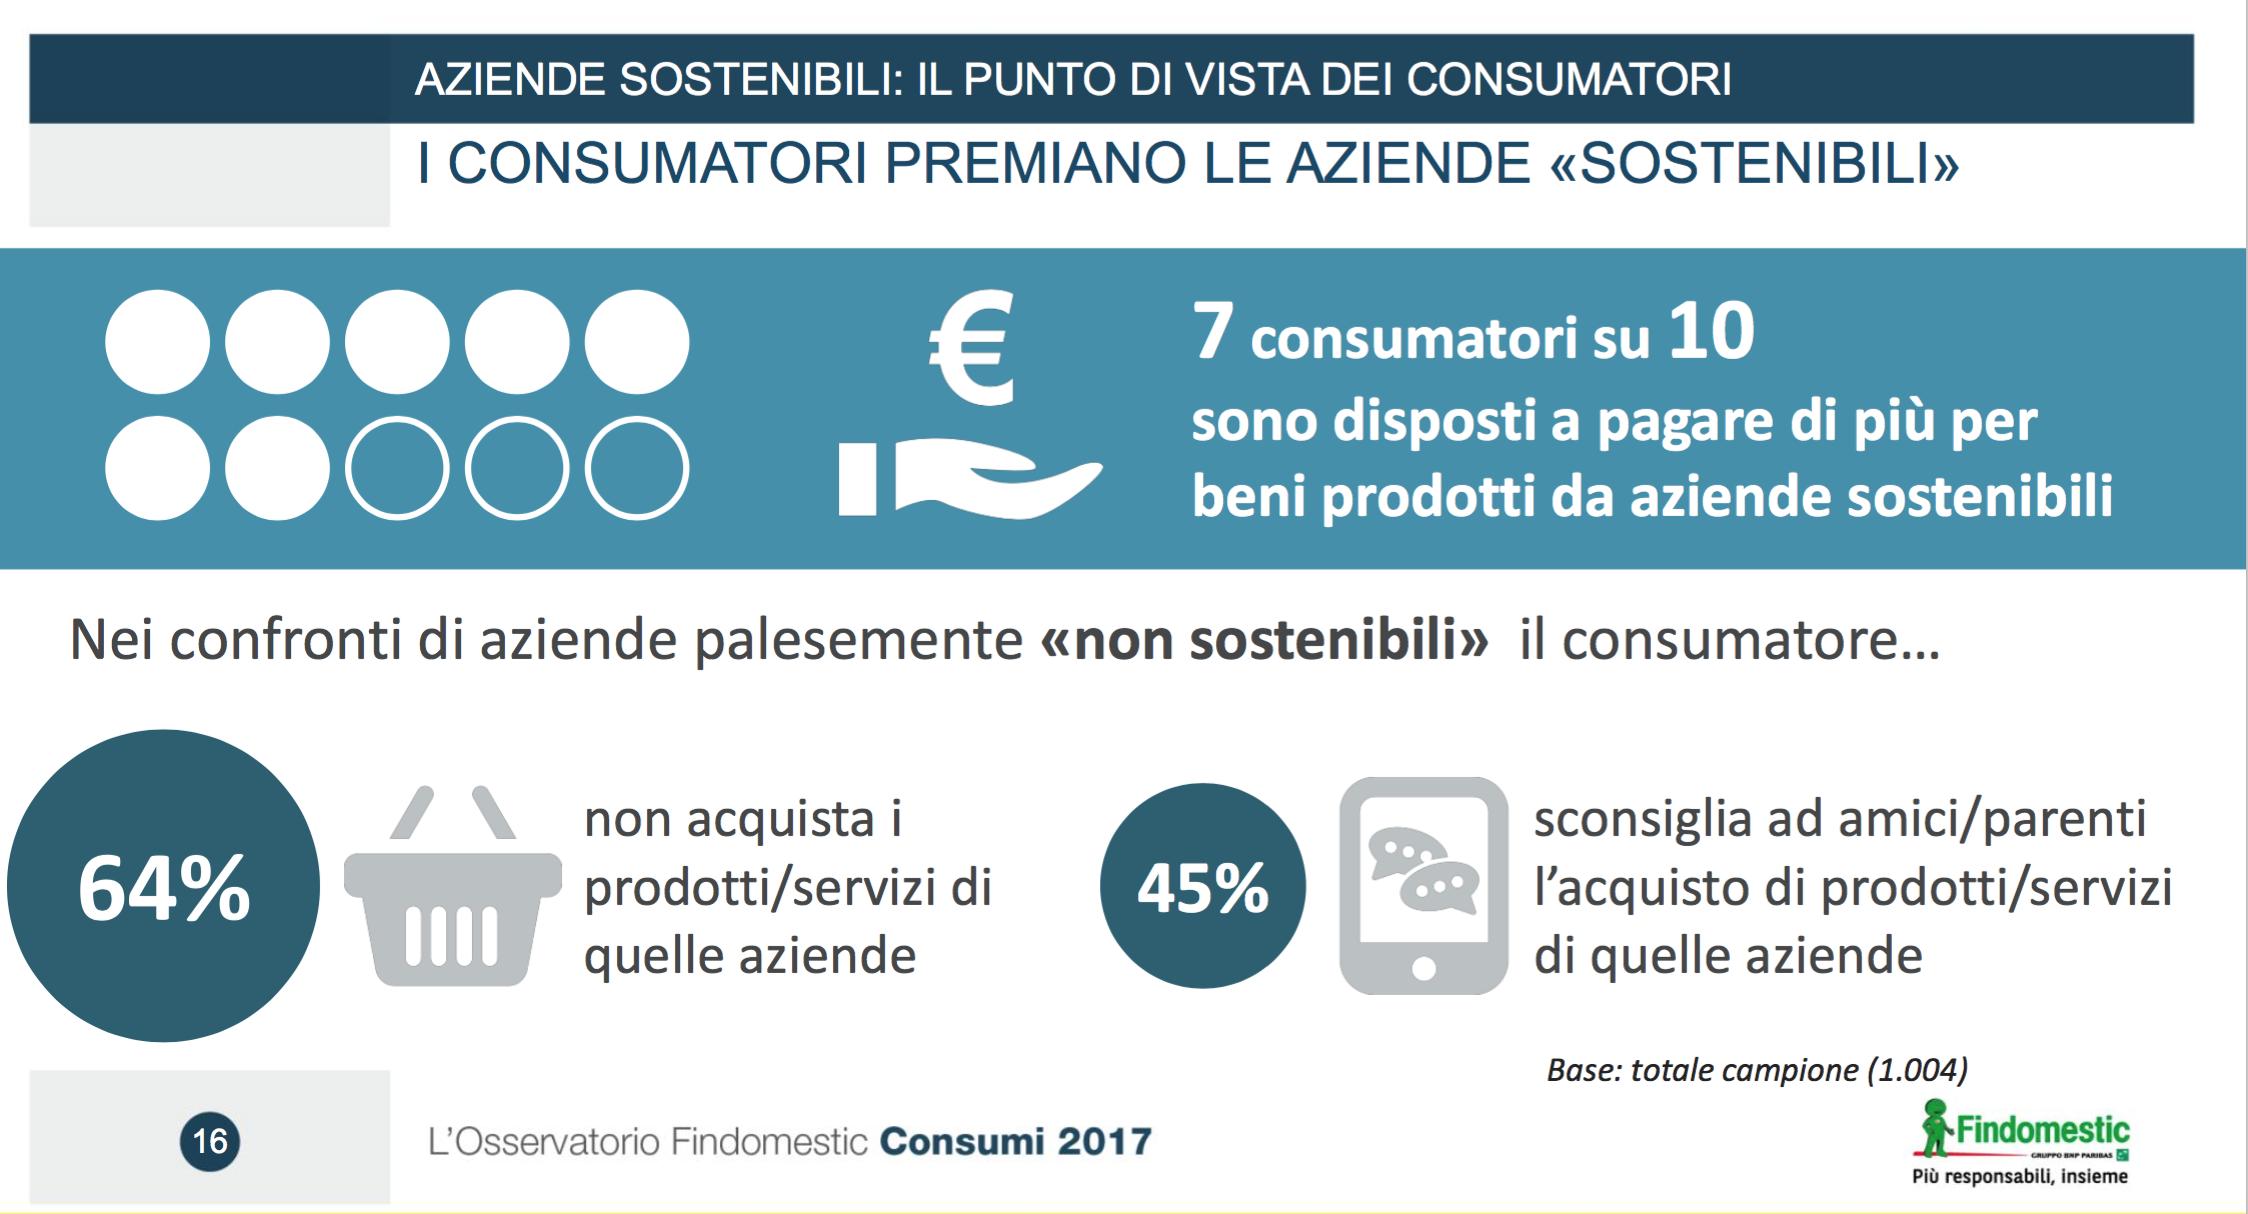 04-i-consumatori-premiano-le-aziende-sostenibili